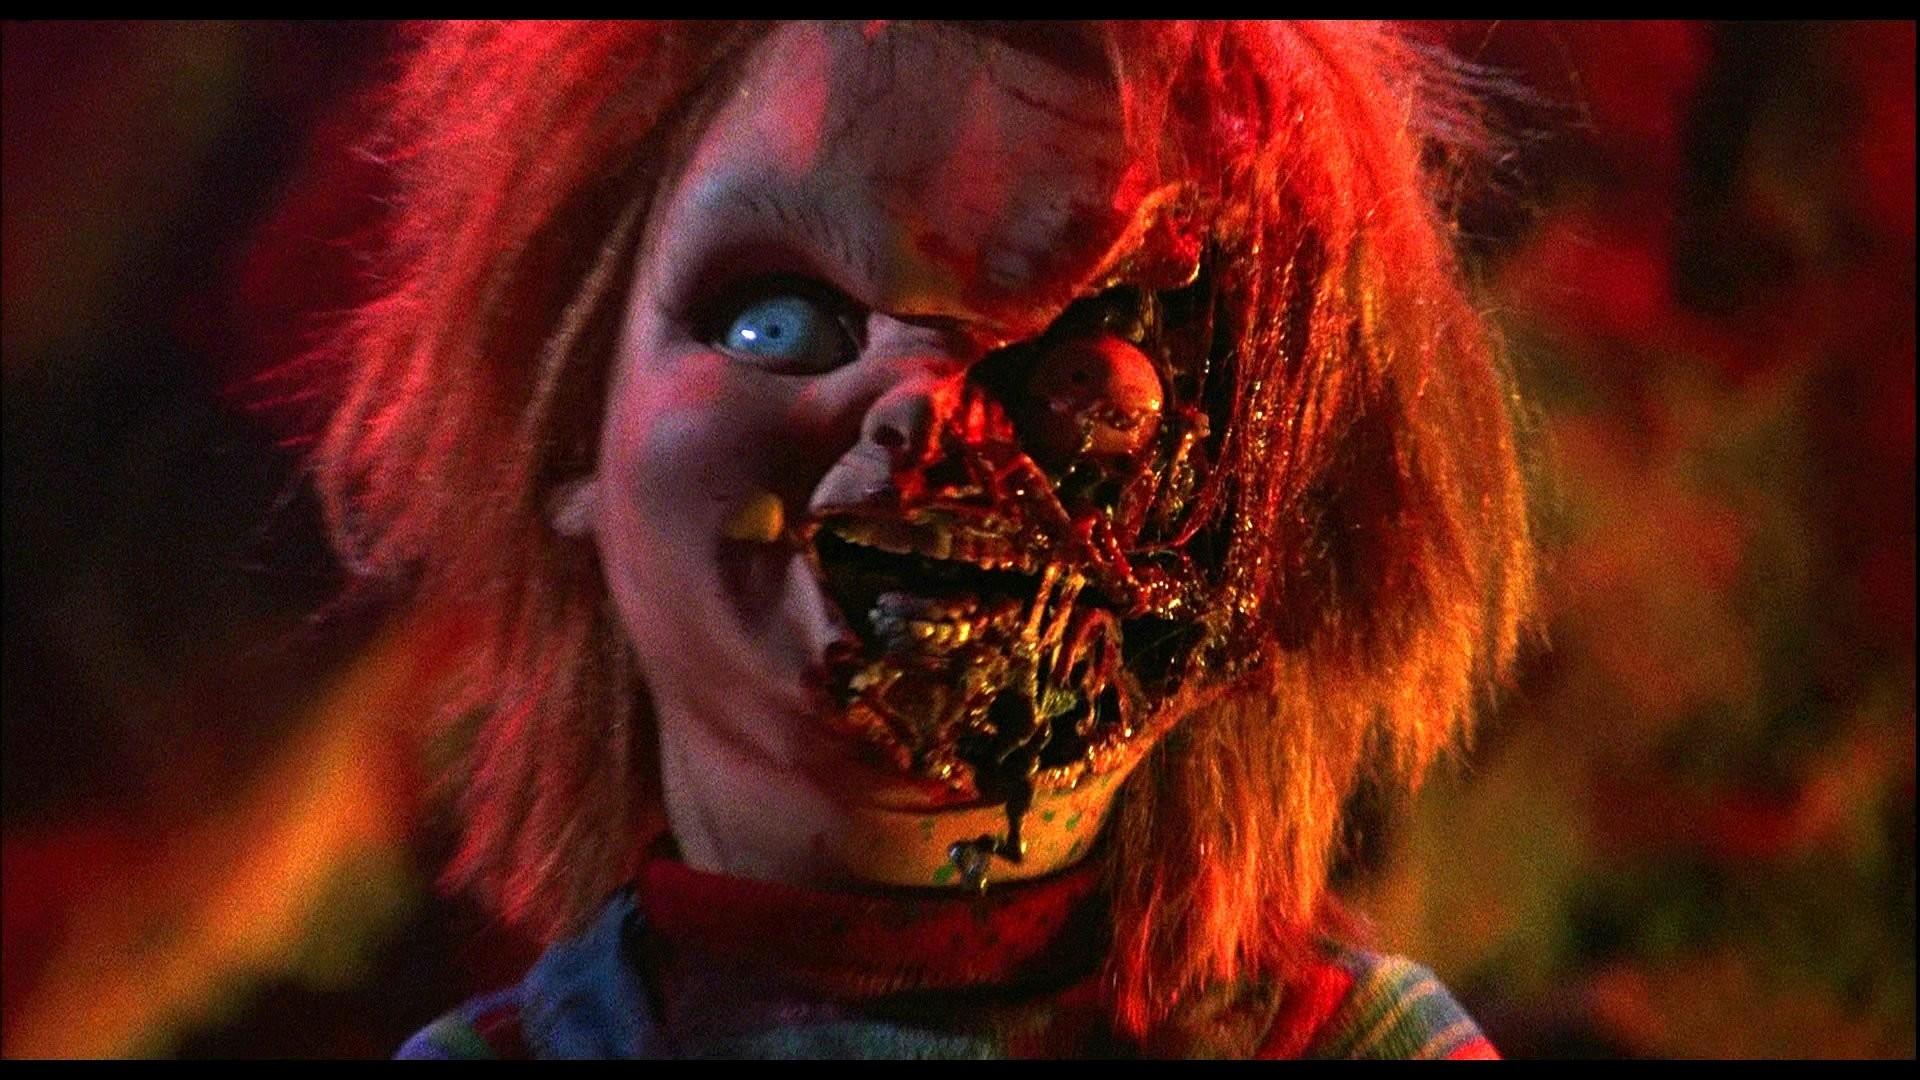 Play Chucky Dark Horror Creepy Scary 35 Wallpaper Background | HD .